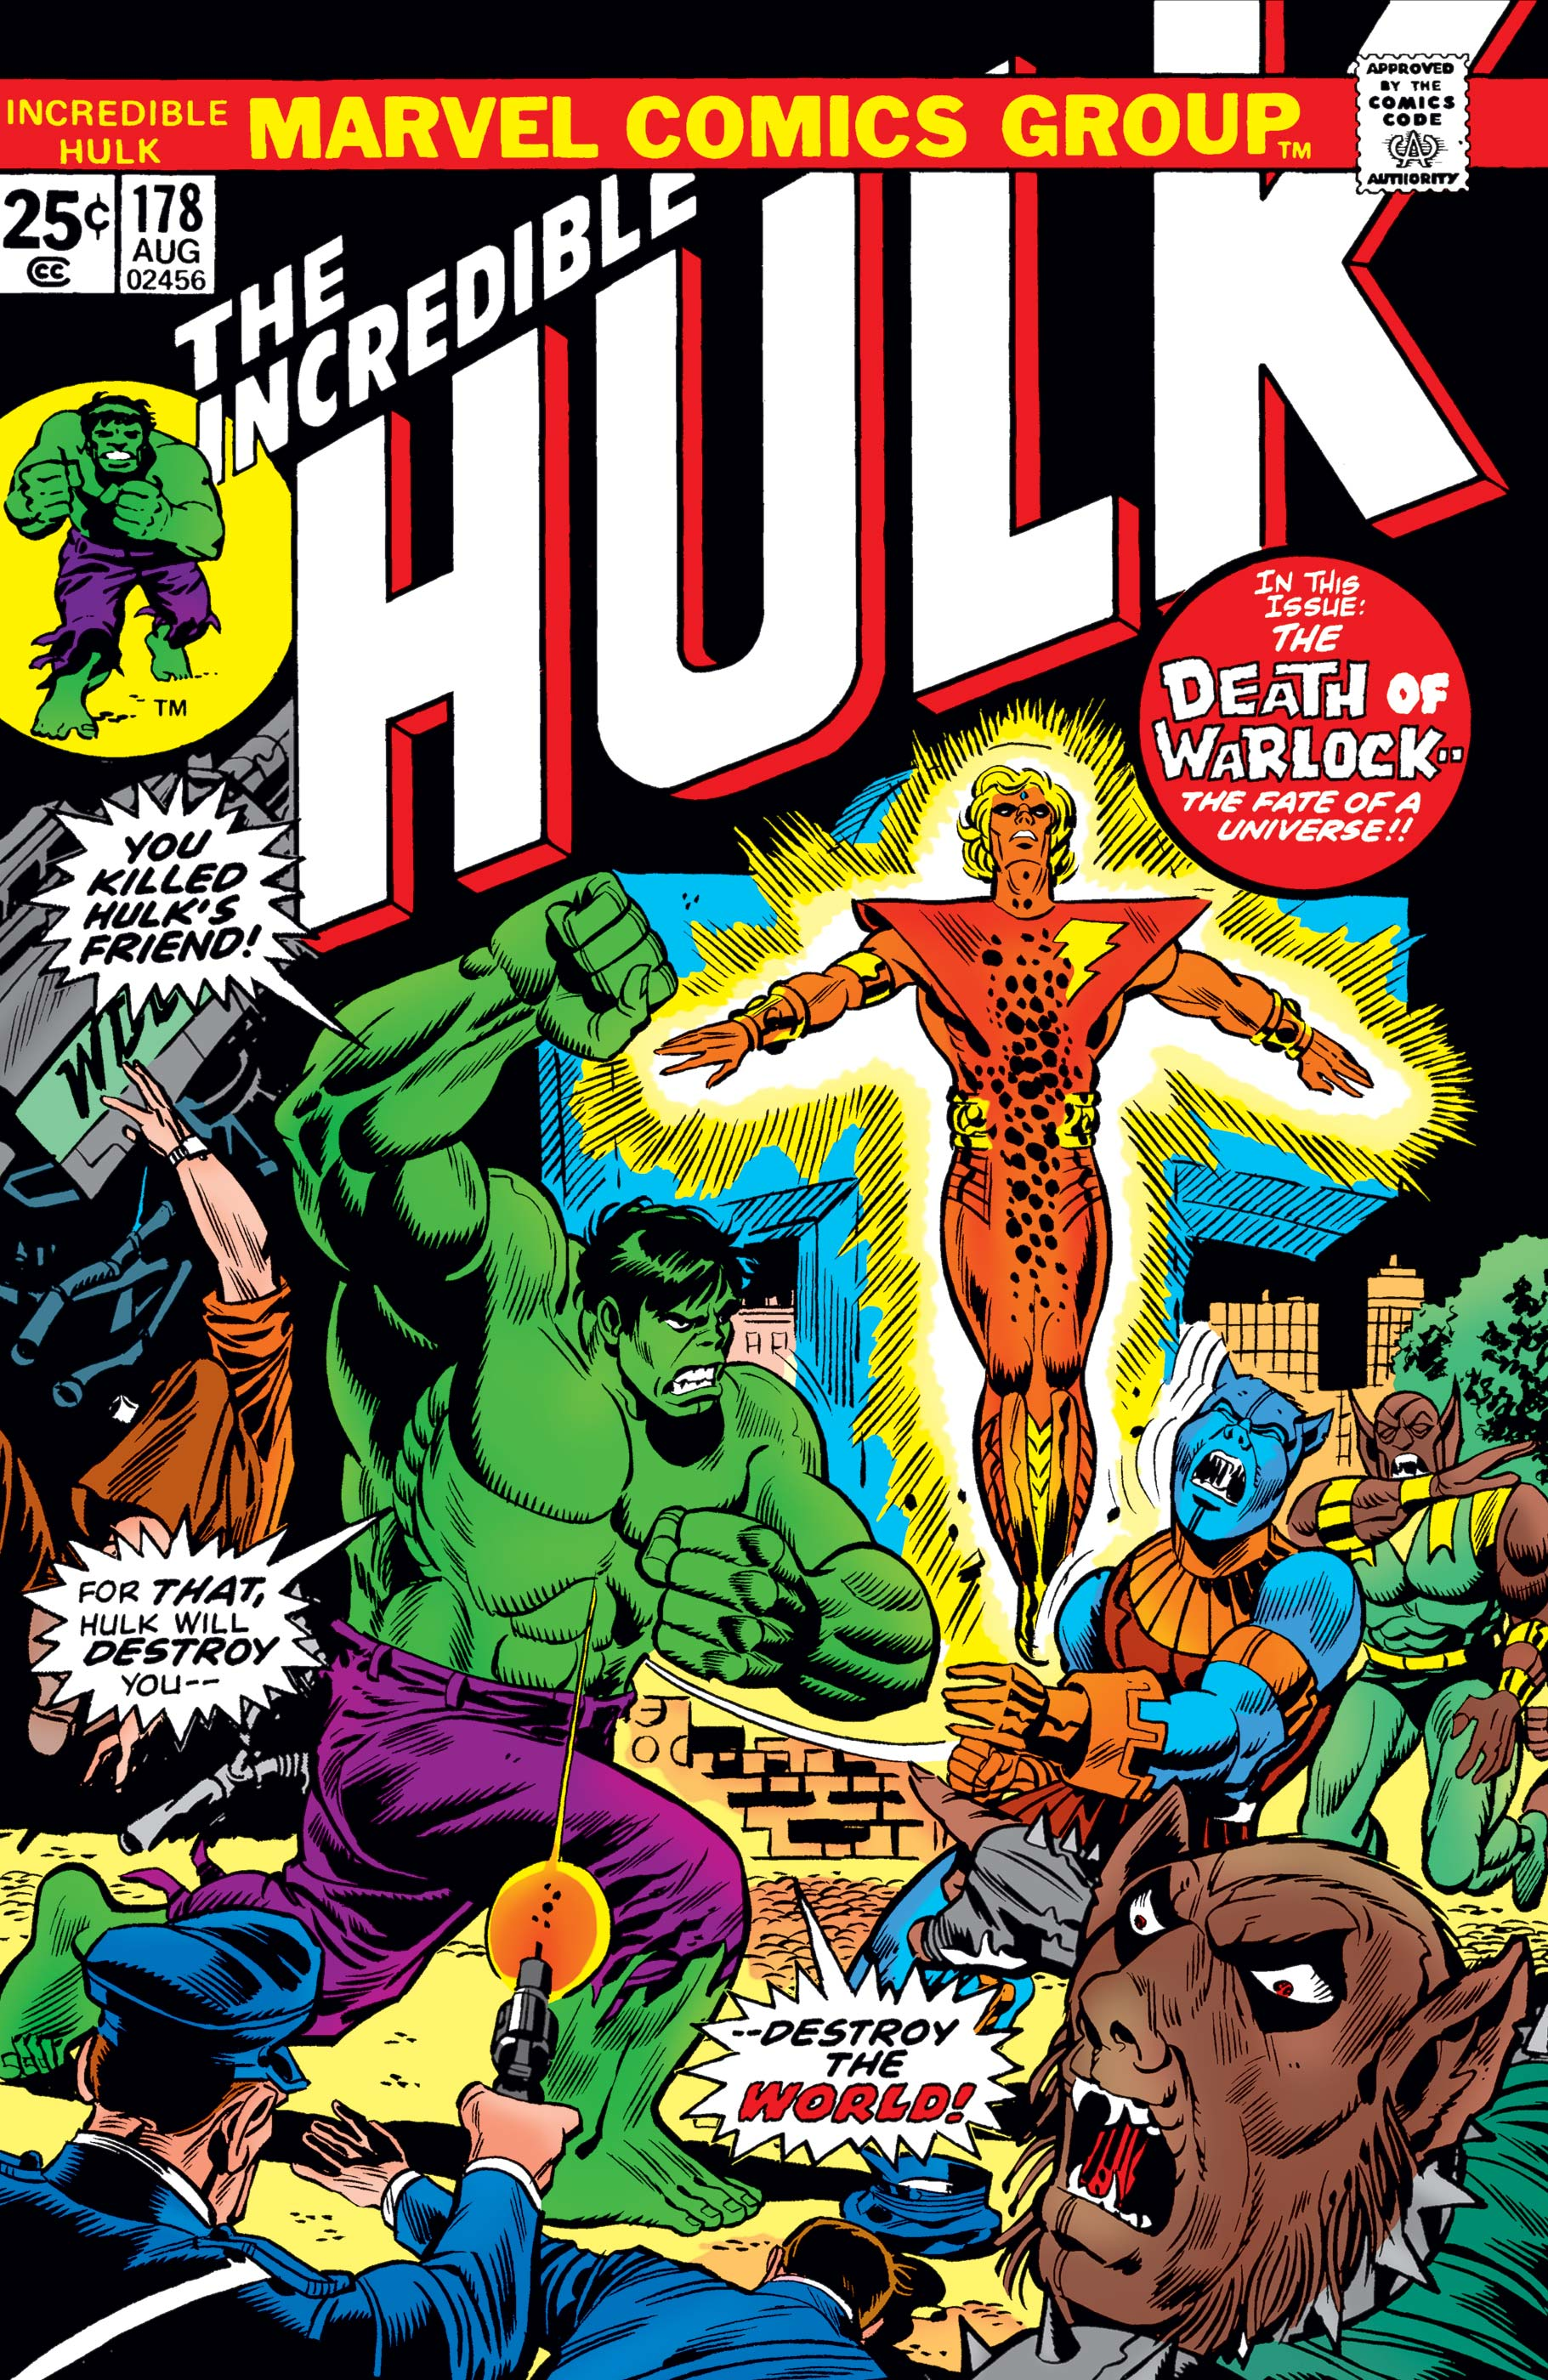 Incredible Hulk Vol 1 178